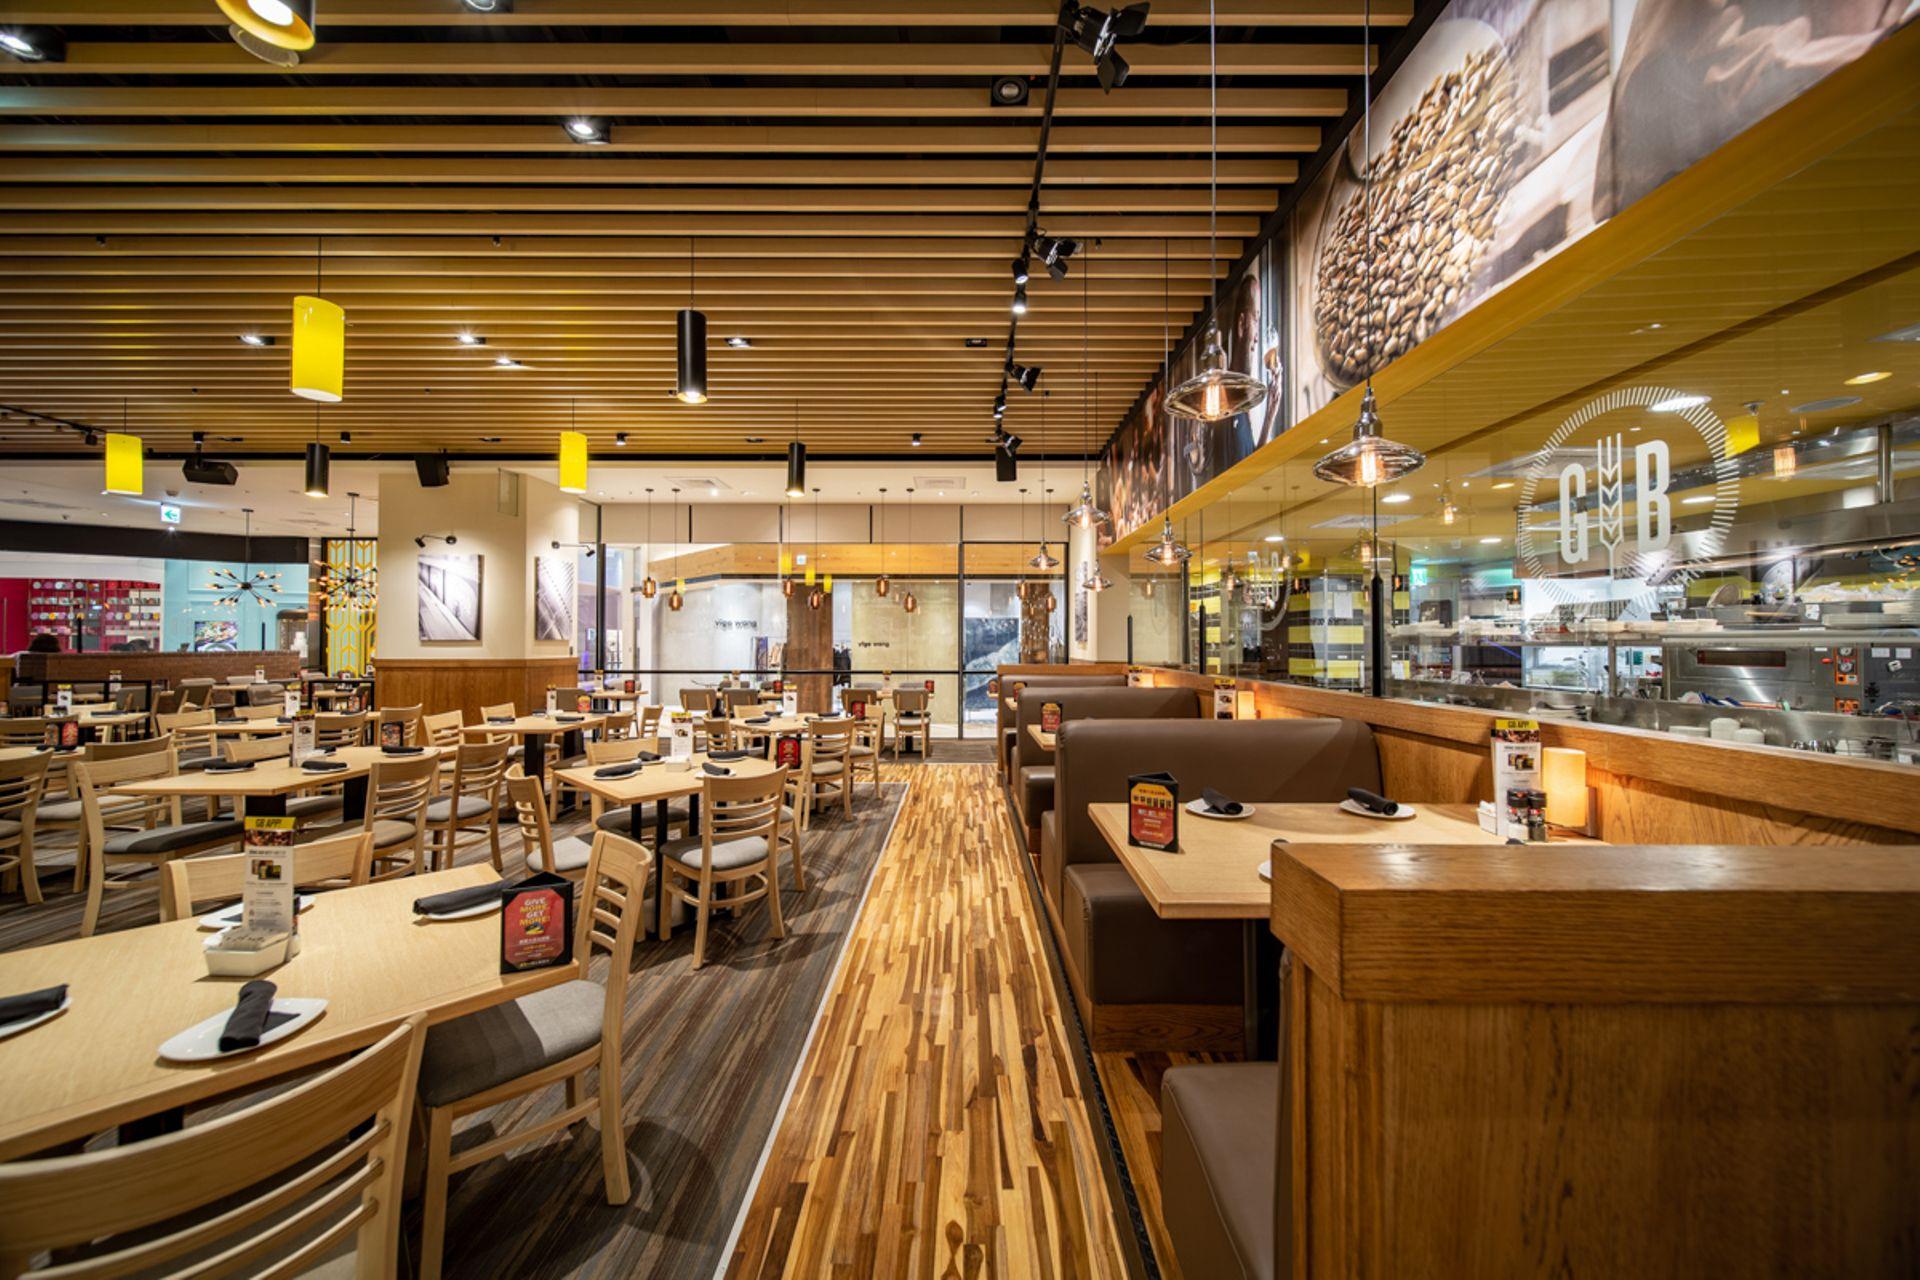 大直分店使用大量木質元素,舒適明亮,特別適合聚餐同樂。